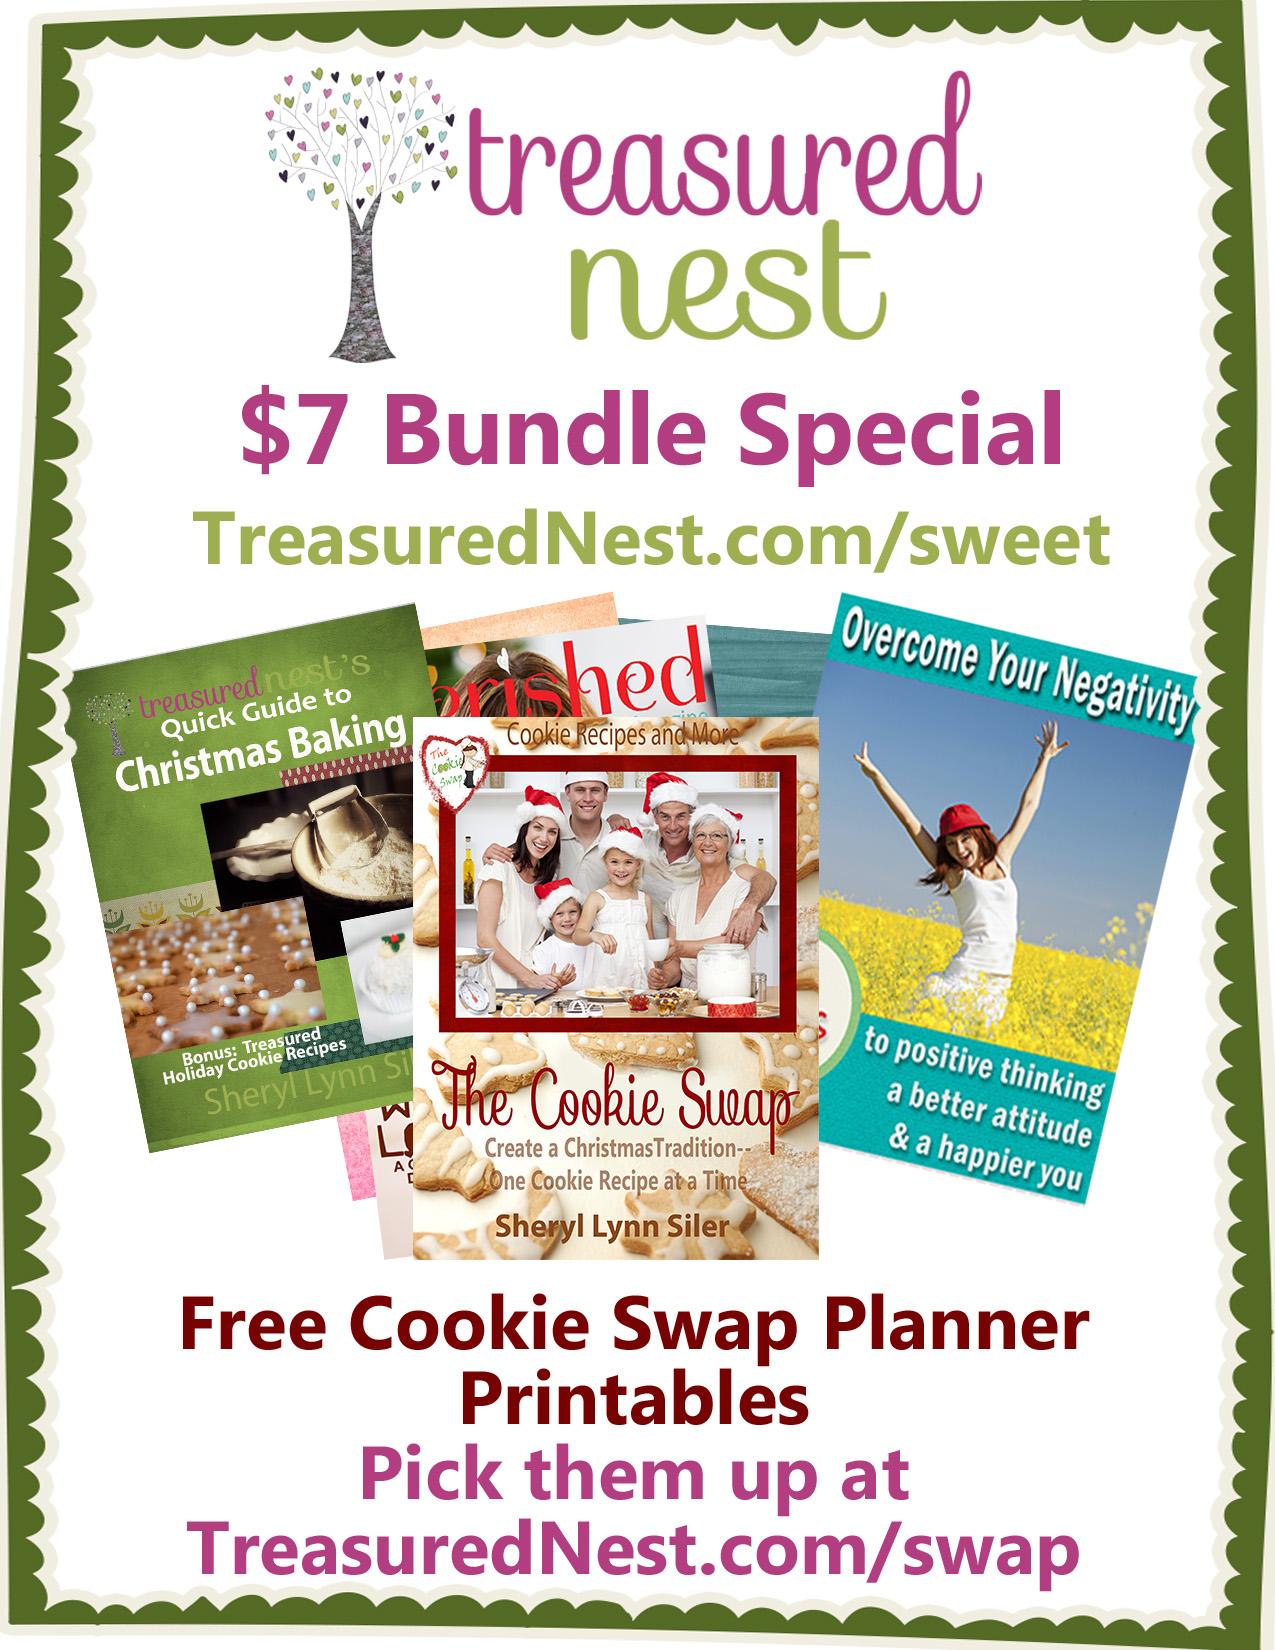 Treasured Nest Holiday Bundle Sale